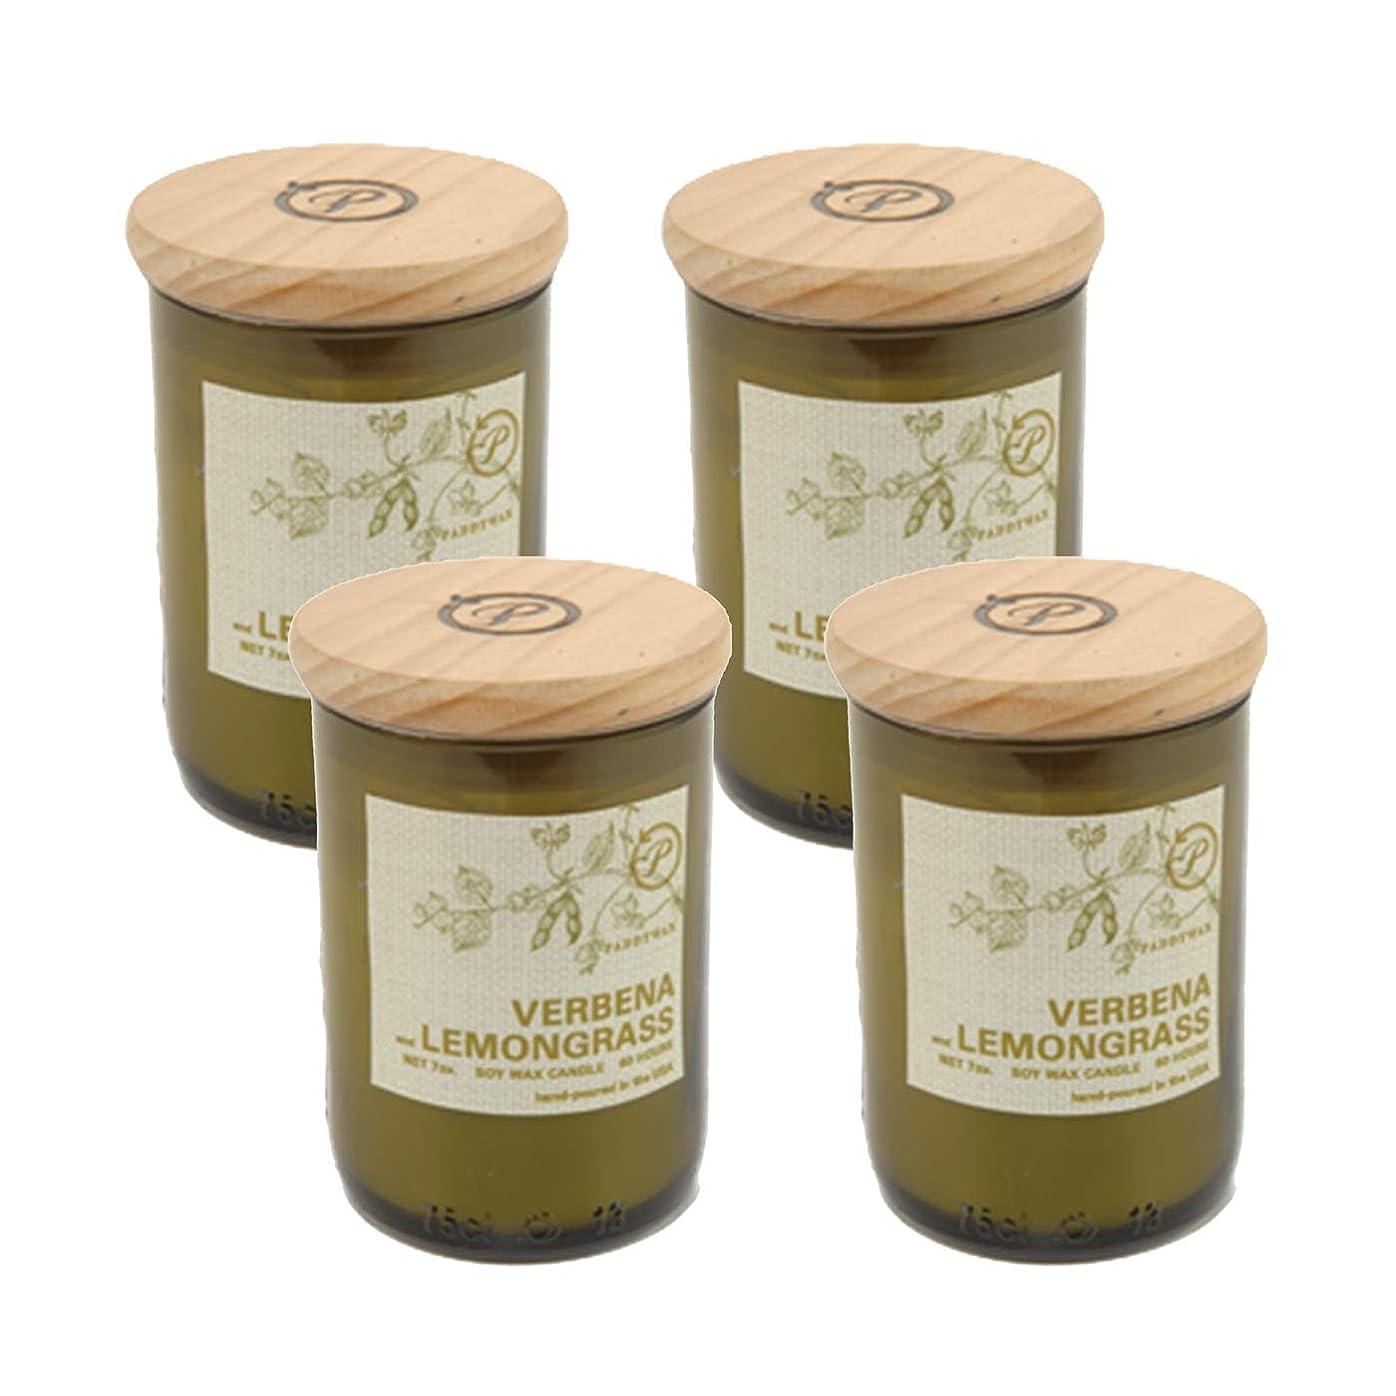 失態ユダヤ人息切れPaddywax EcoグリーンリサイクルガラスCandle、Verbena &レモングラス